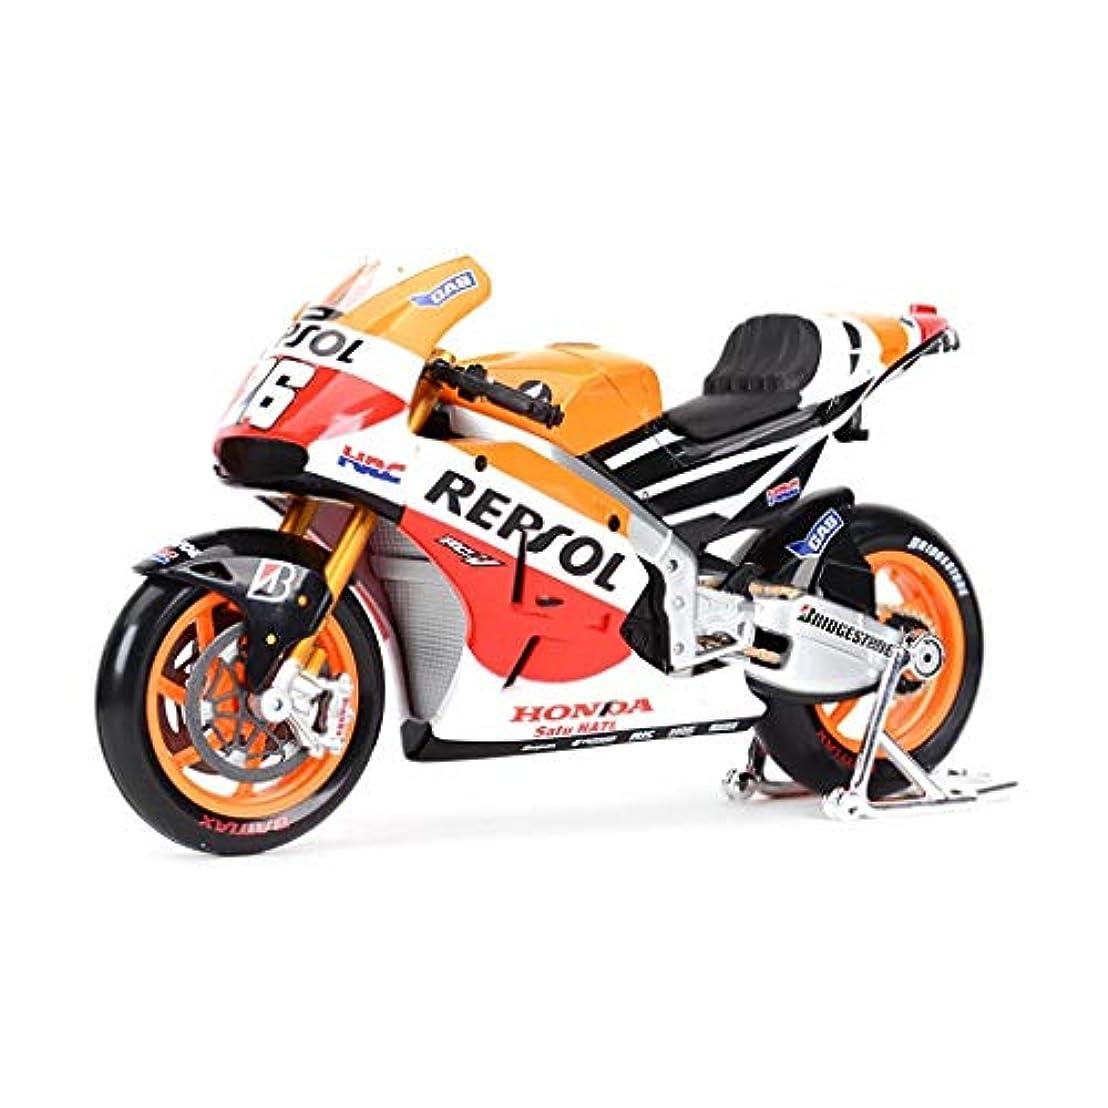 ブロックするシャーロットブロンテ損失JIANPINGオートバイのおもちゃモデル2014ホンダ26号路面機関車シミュレーション合金オートバイモデルコレクションギフトモデルカー